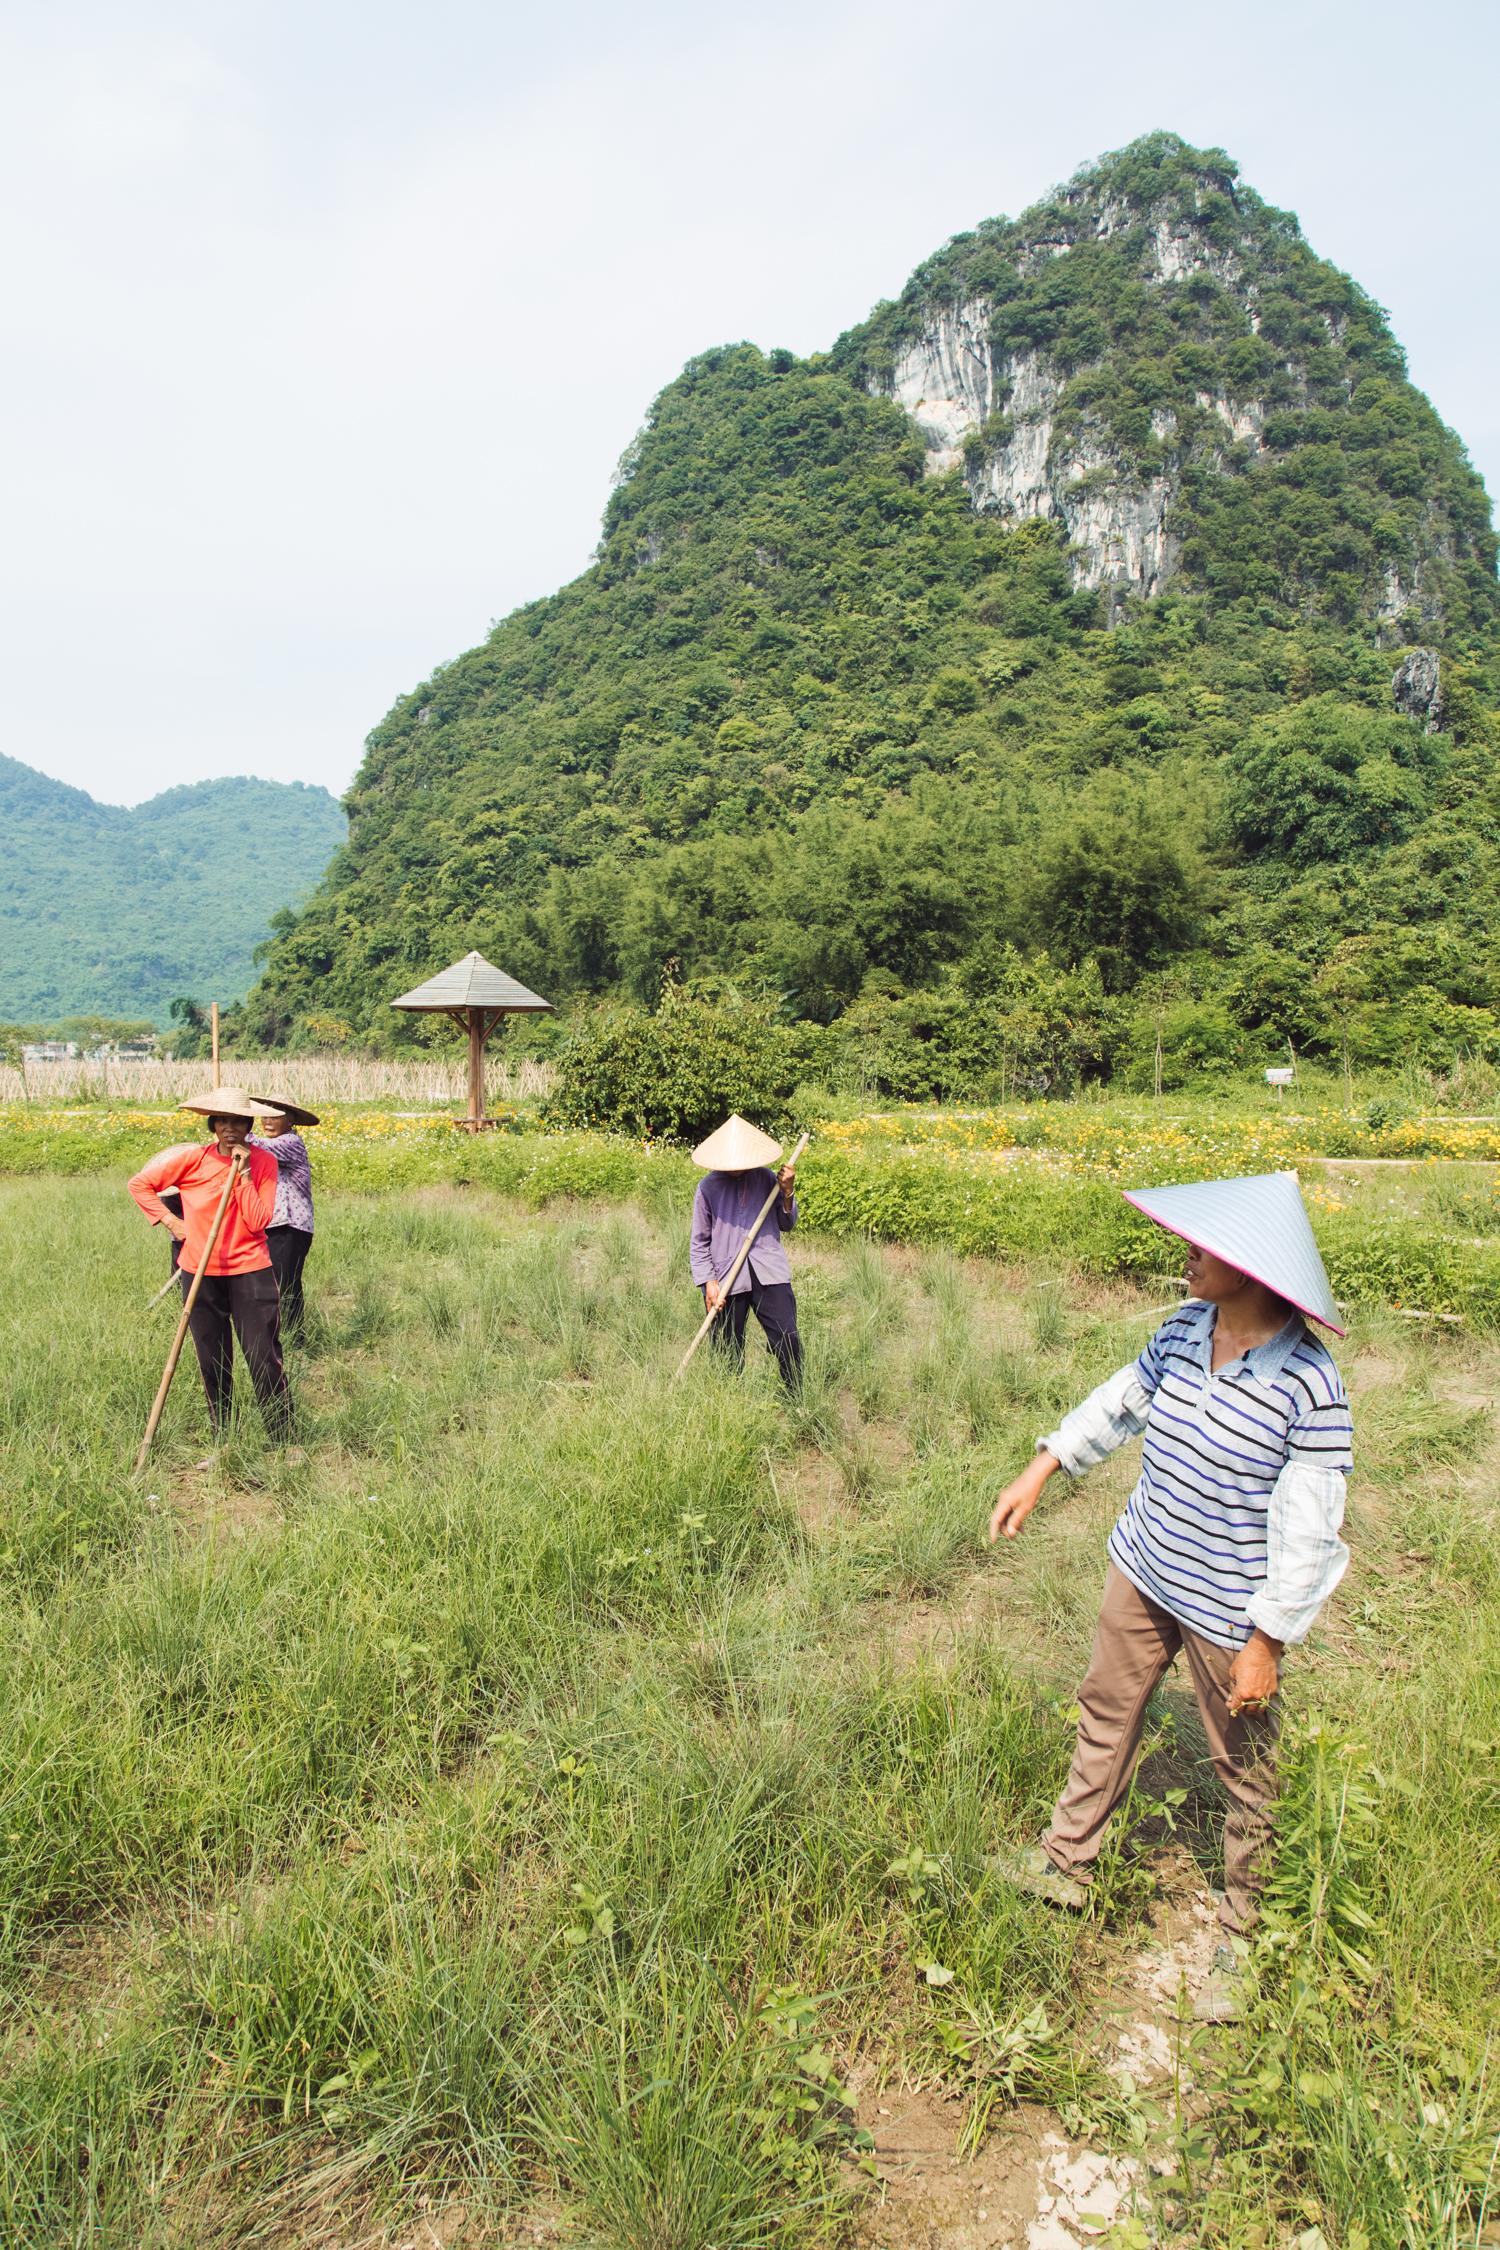 Corridor of Peaks in Western Yingde - Yingde, Qingyuan, Guangdong, China